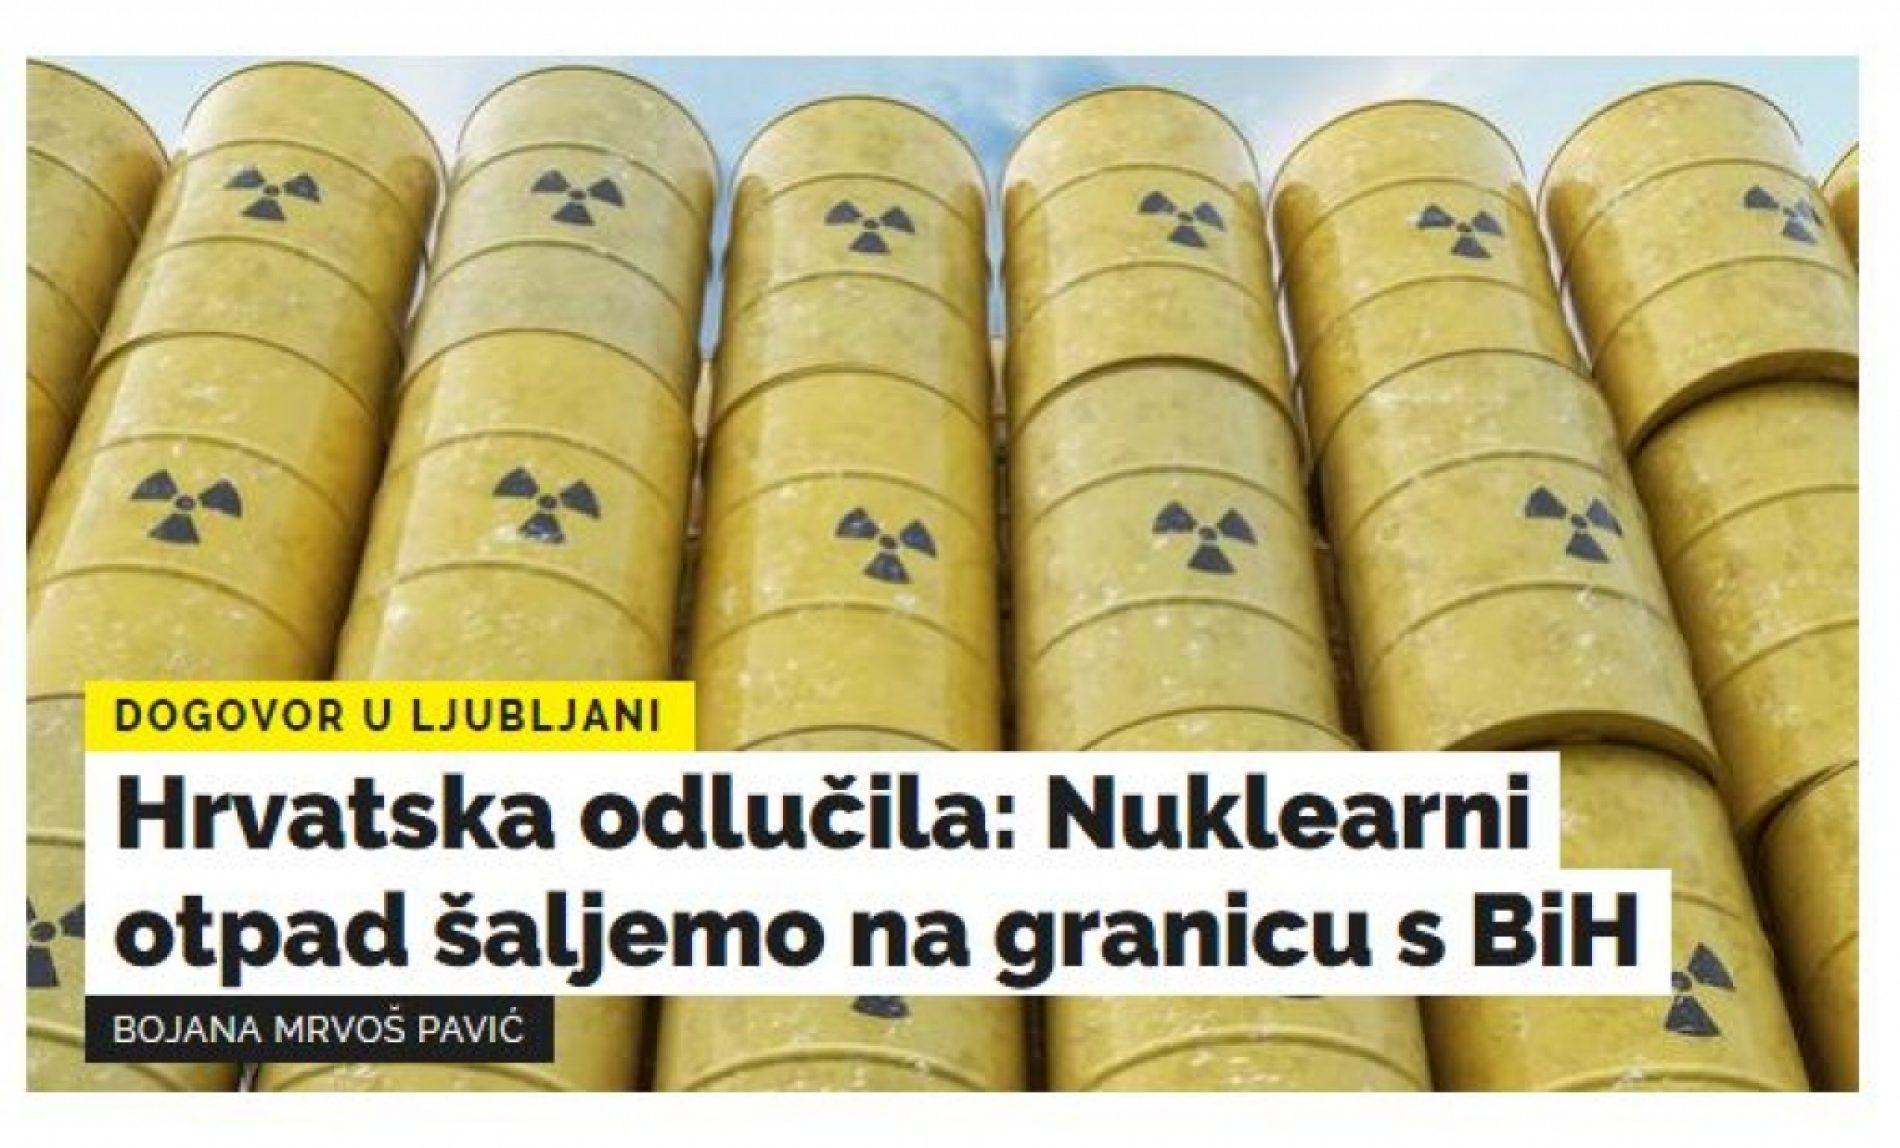 Dok Dodik štiti interese Hrvatske u slučaju Pelješkog mosta, oni mu šalju otpad pod nos